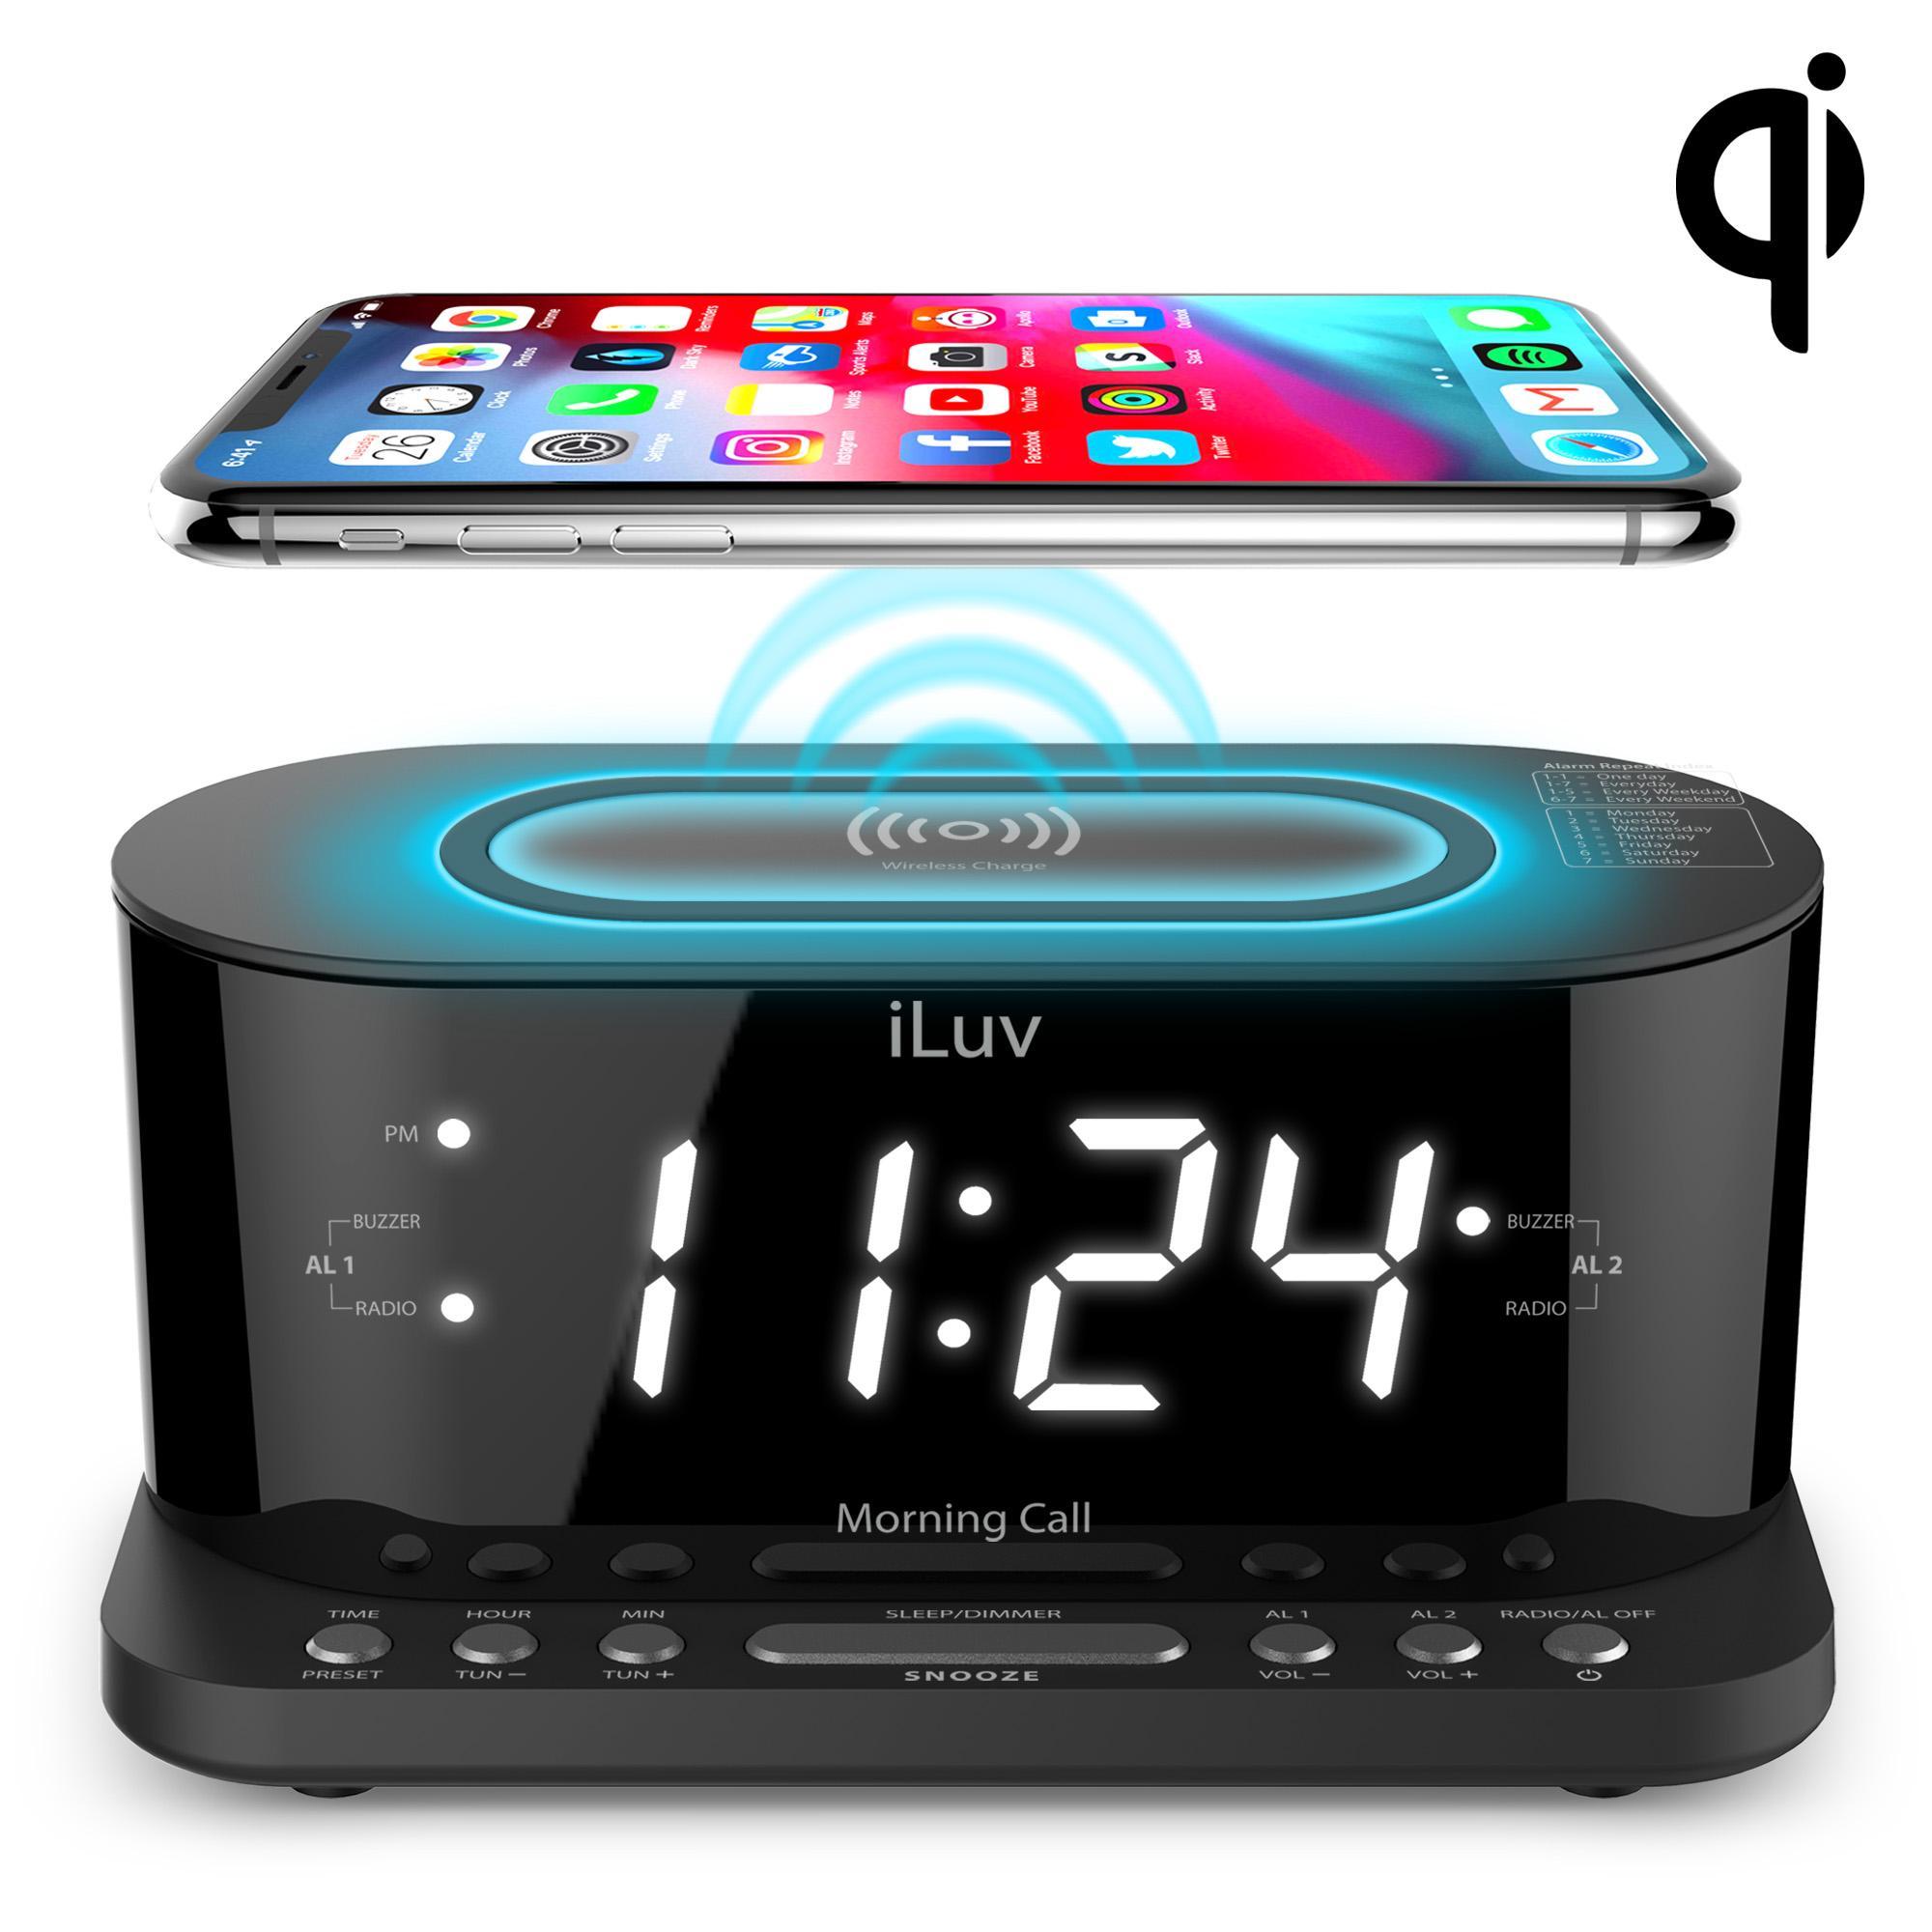 iLuv Morning Call 5Q FM Radio Alarm Clock with Qi Charging